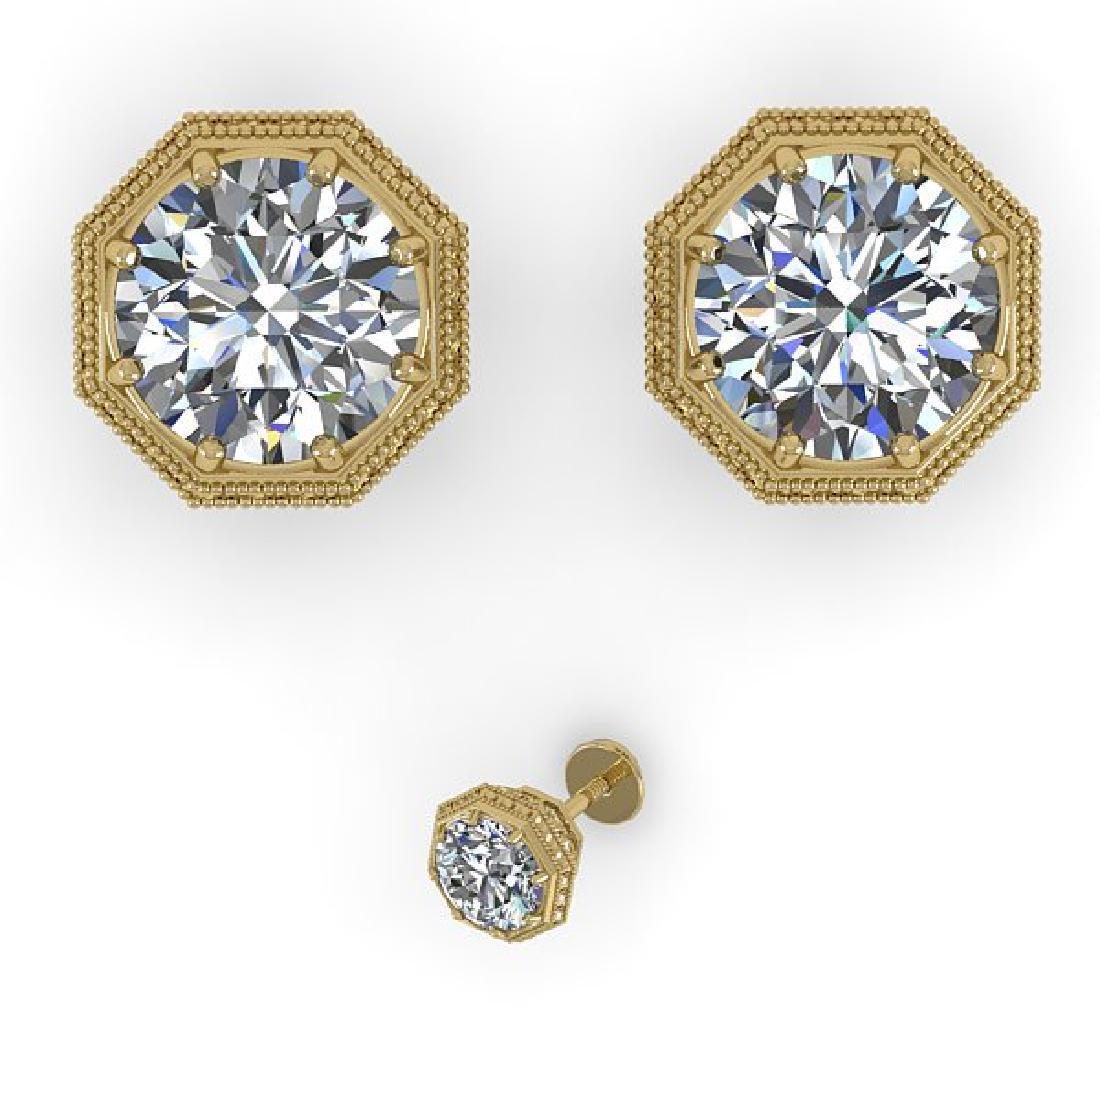 1.53 CTW Certified VS/SI Diamond Stud Earrings 14K - 2